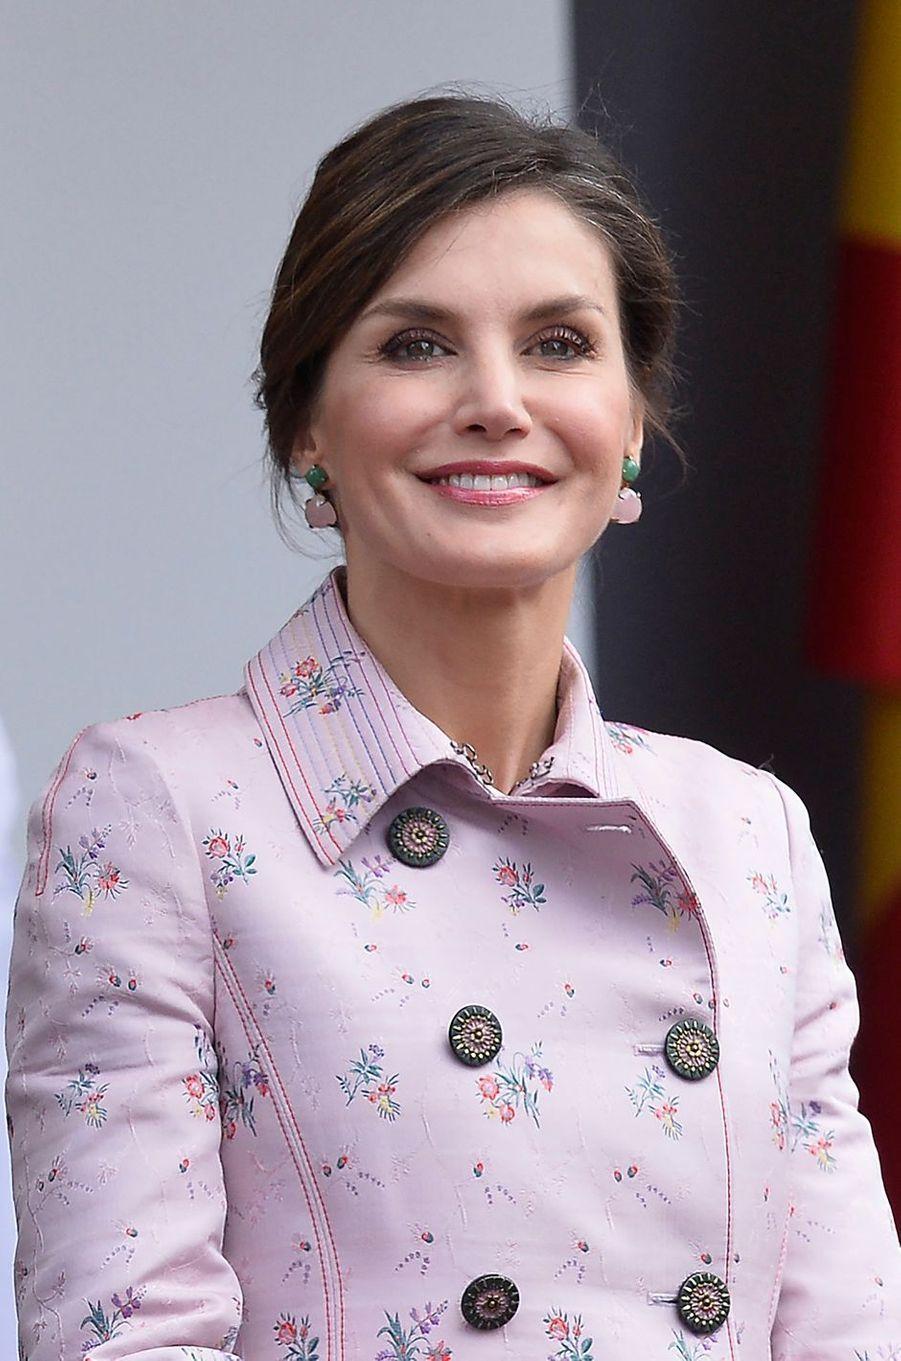 La reine Letizia d'Espagne à Logroño, le 25 mai 2018